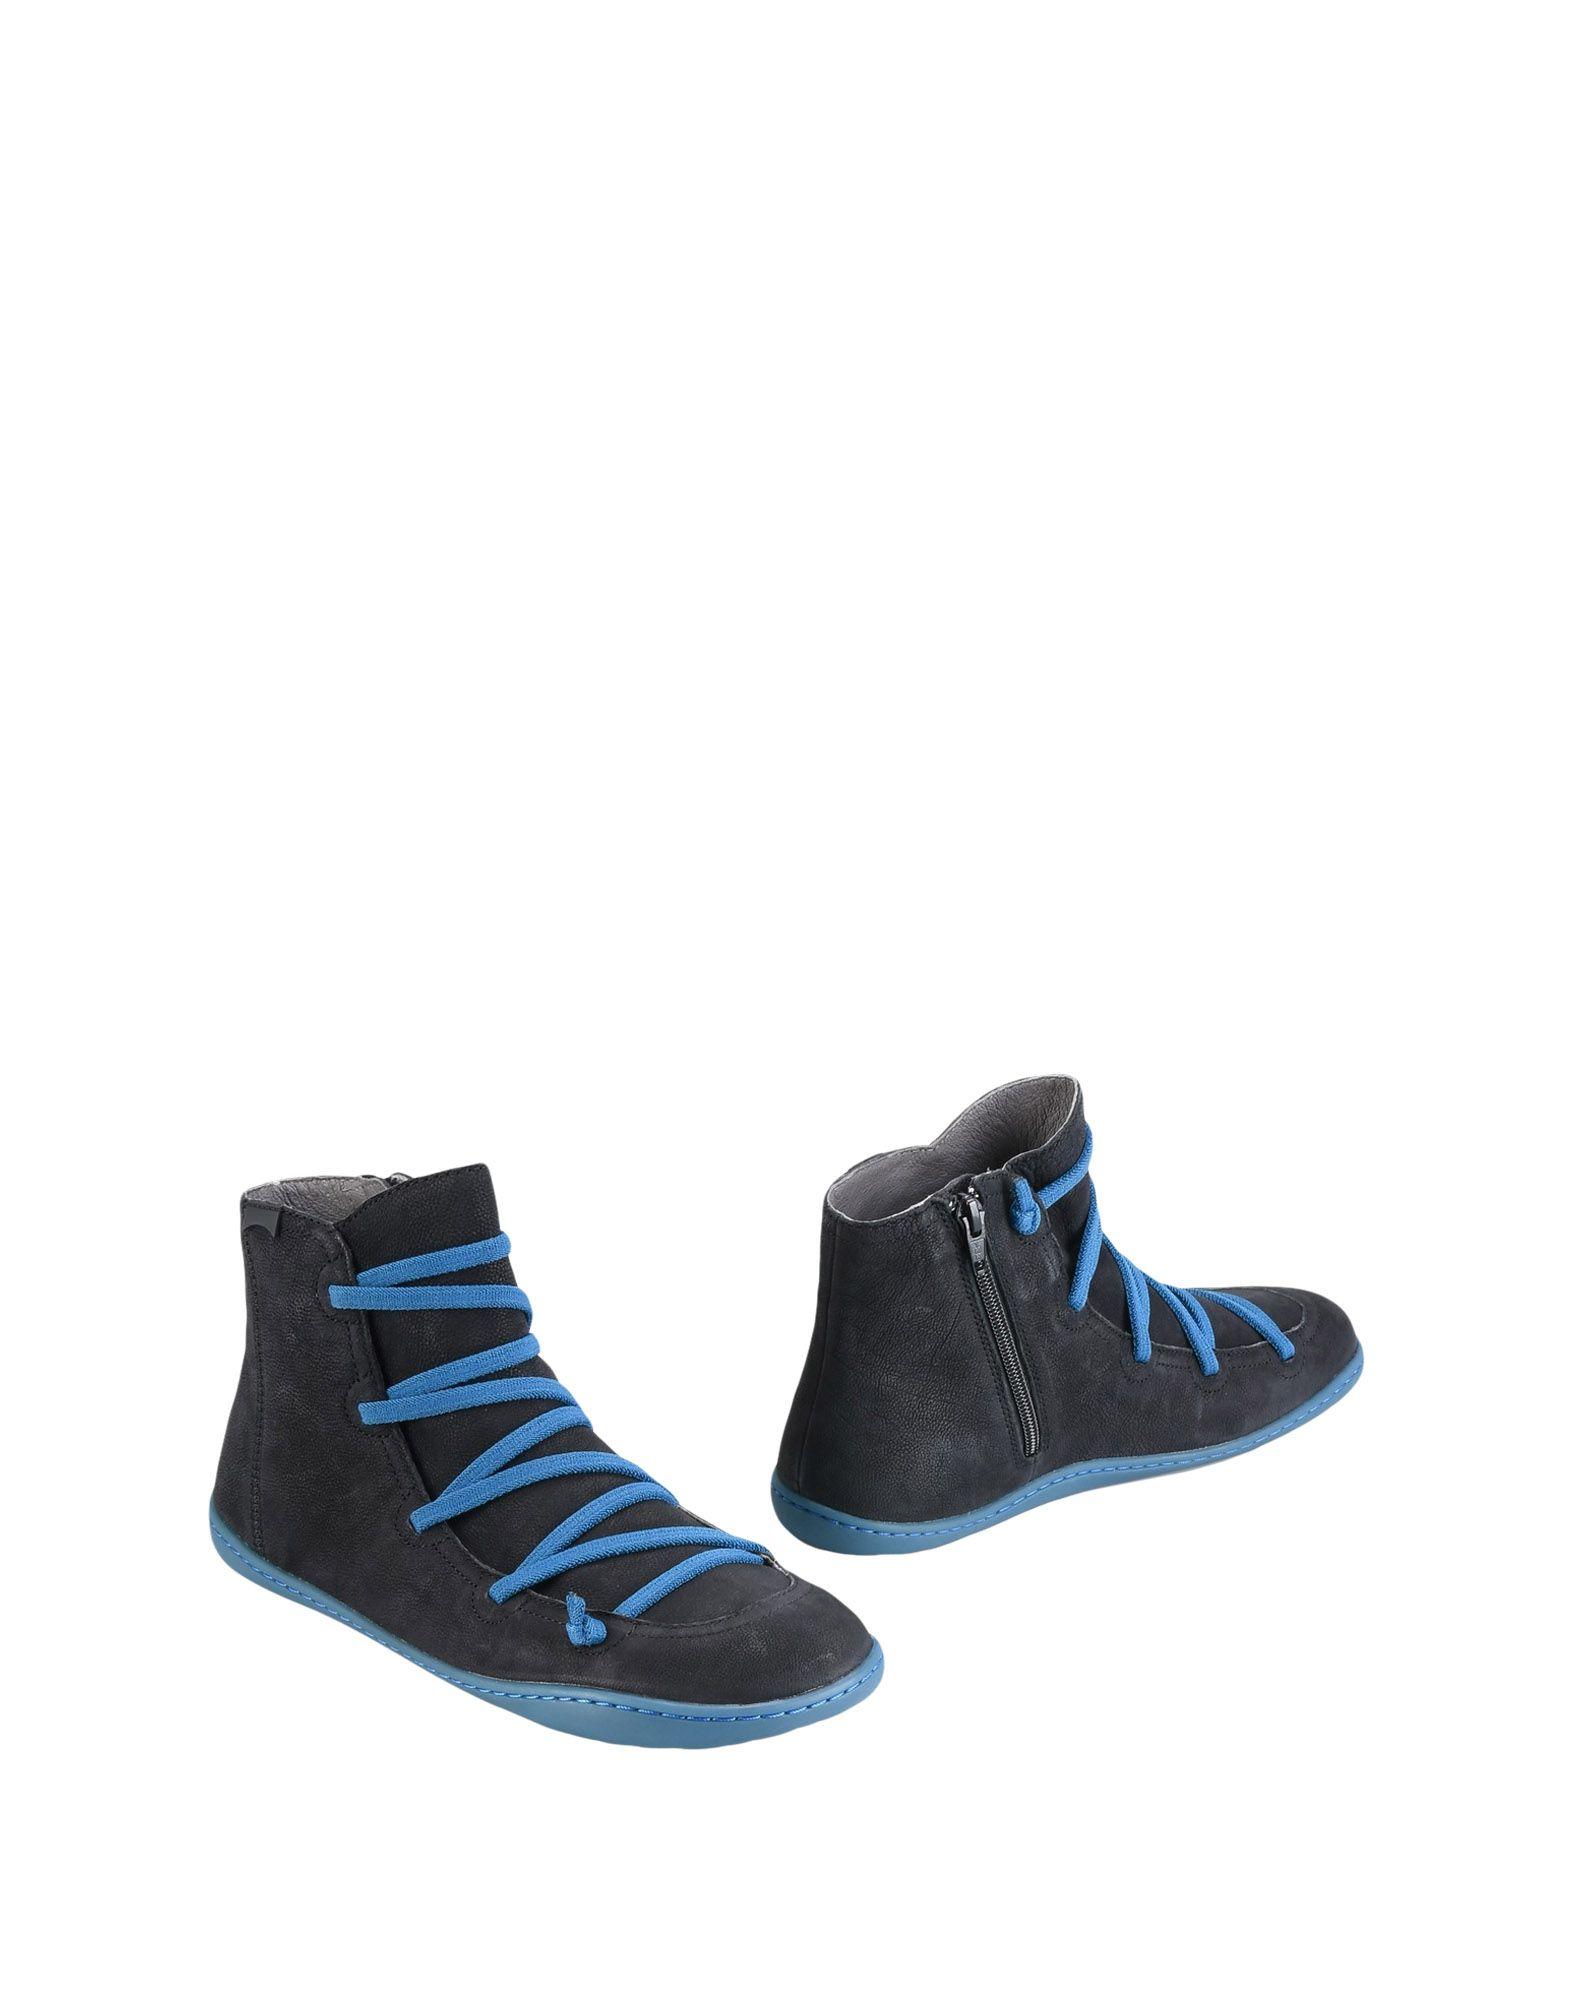 Camper Stiefelette Damen  11357010LR Gute Qualität beliebte Schuhe